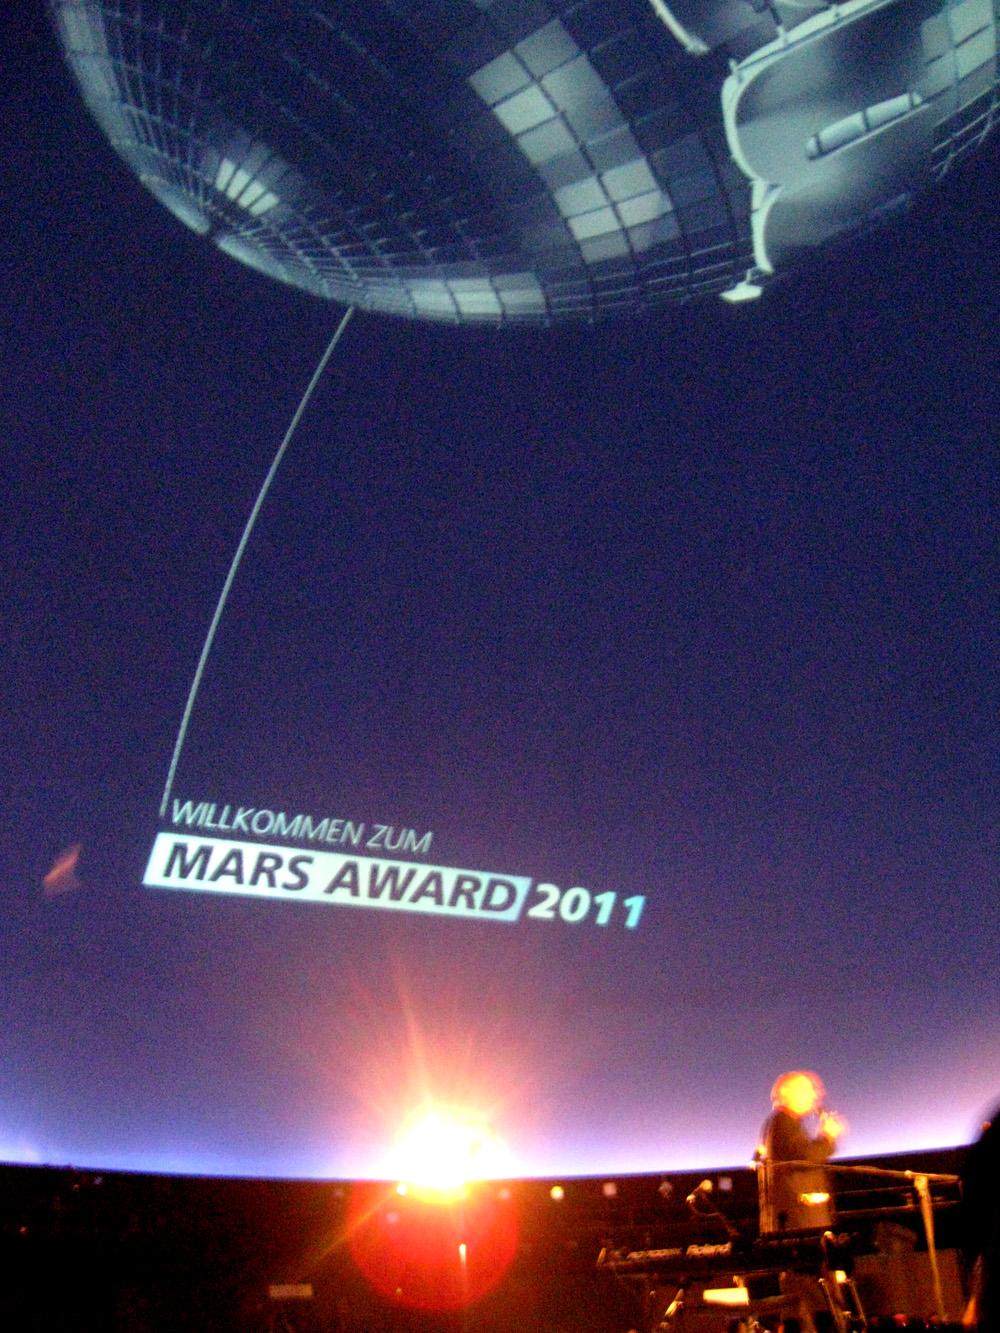 marsaward_planetarium_01